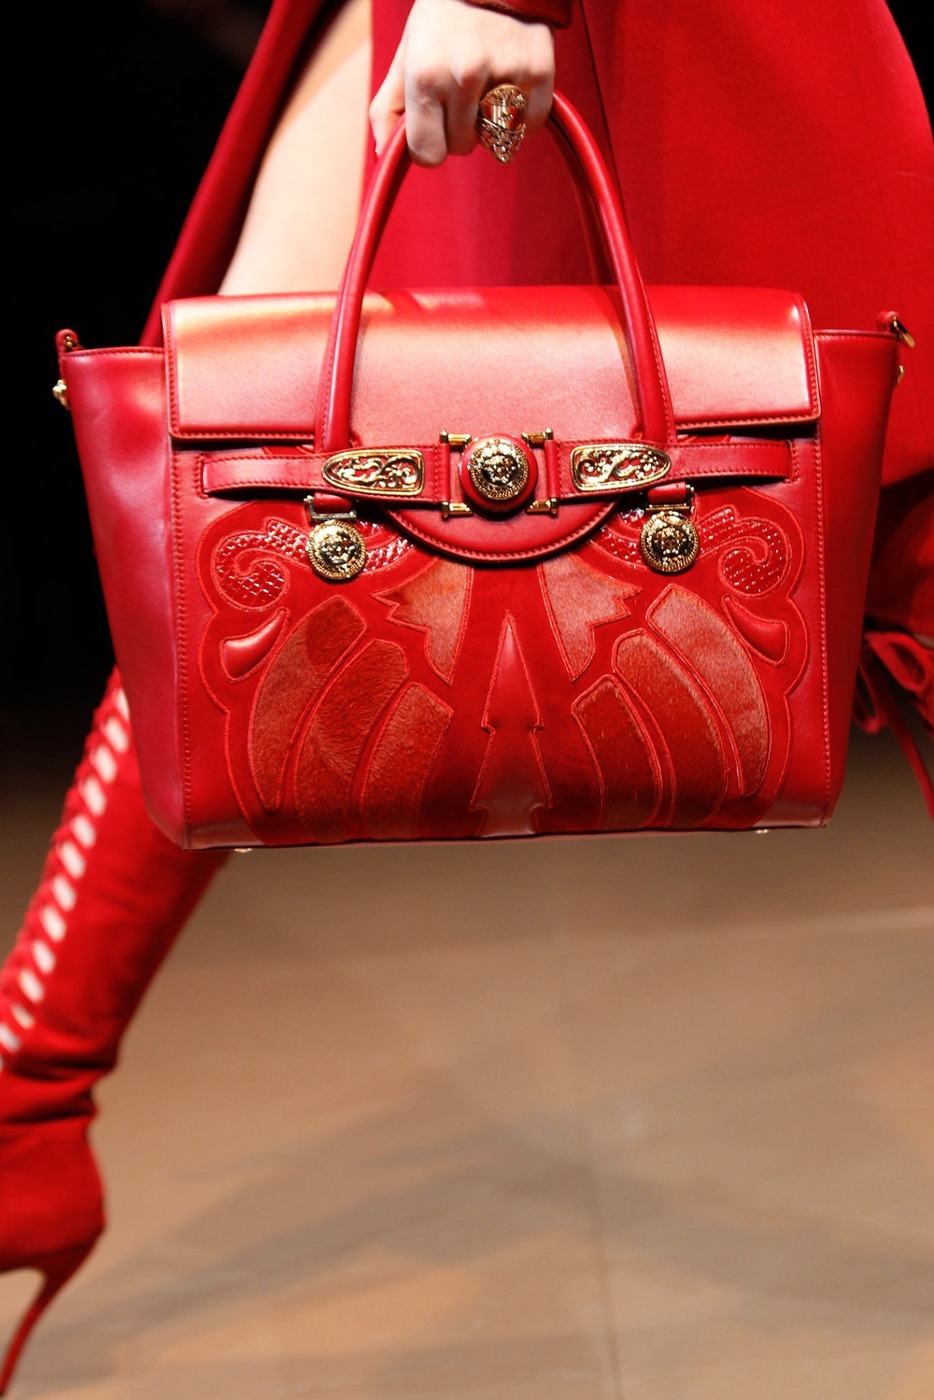 Необычные сумки - интернет магазин UnusuaL Bag